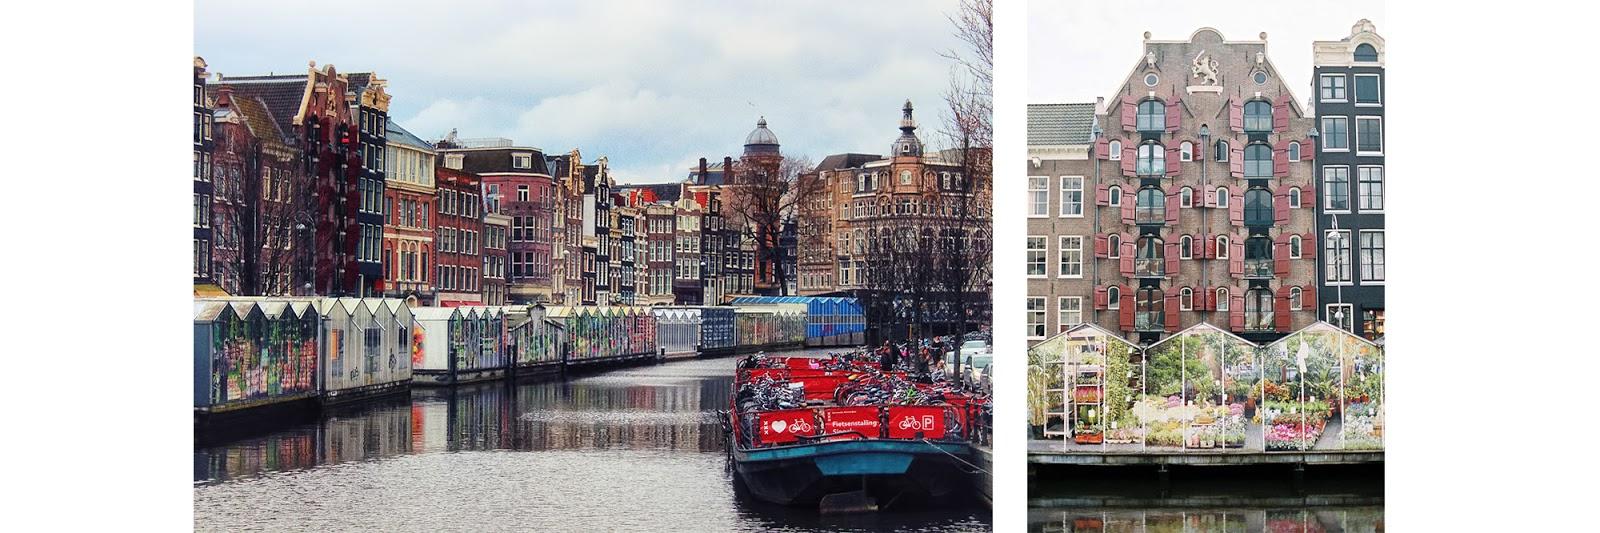 Fabuleux Voyages Livresques | Amsterdam | Nos étoiles contraires | Mydeerbooks KQ26